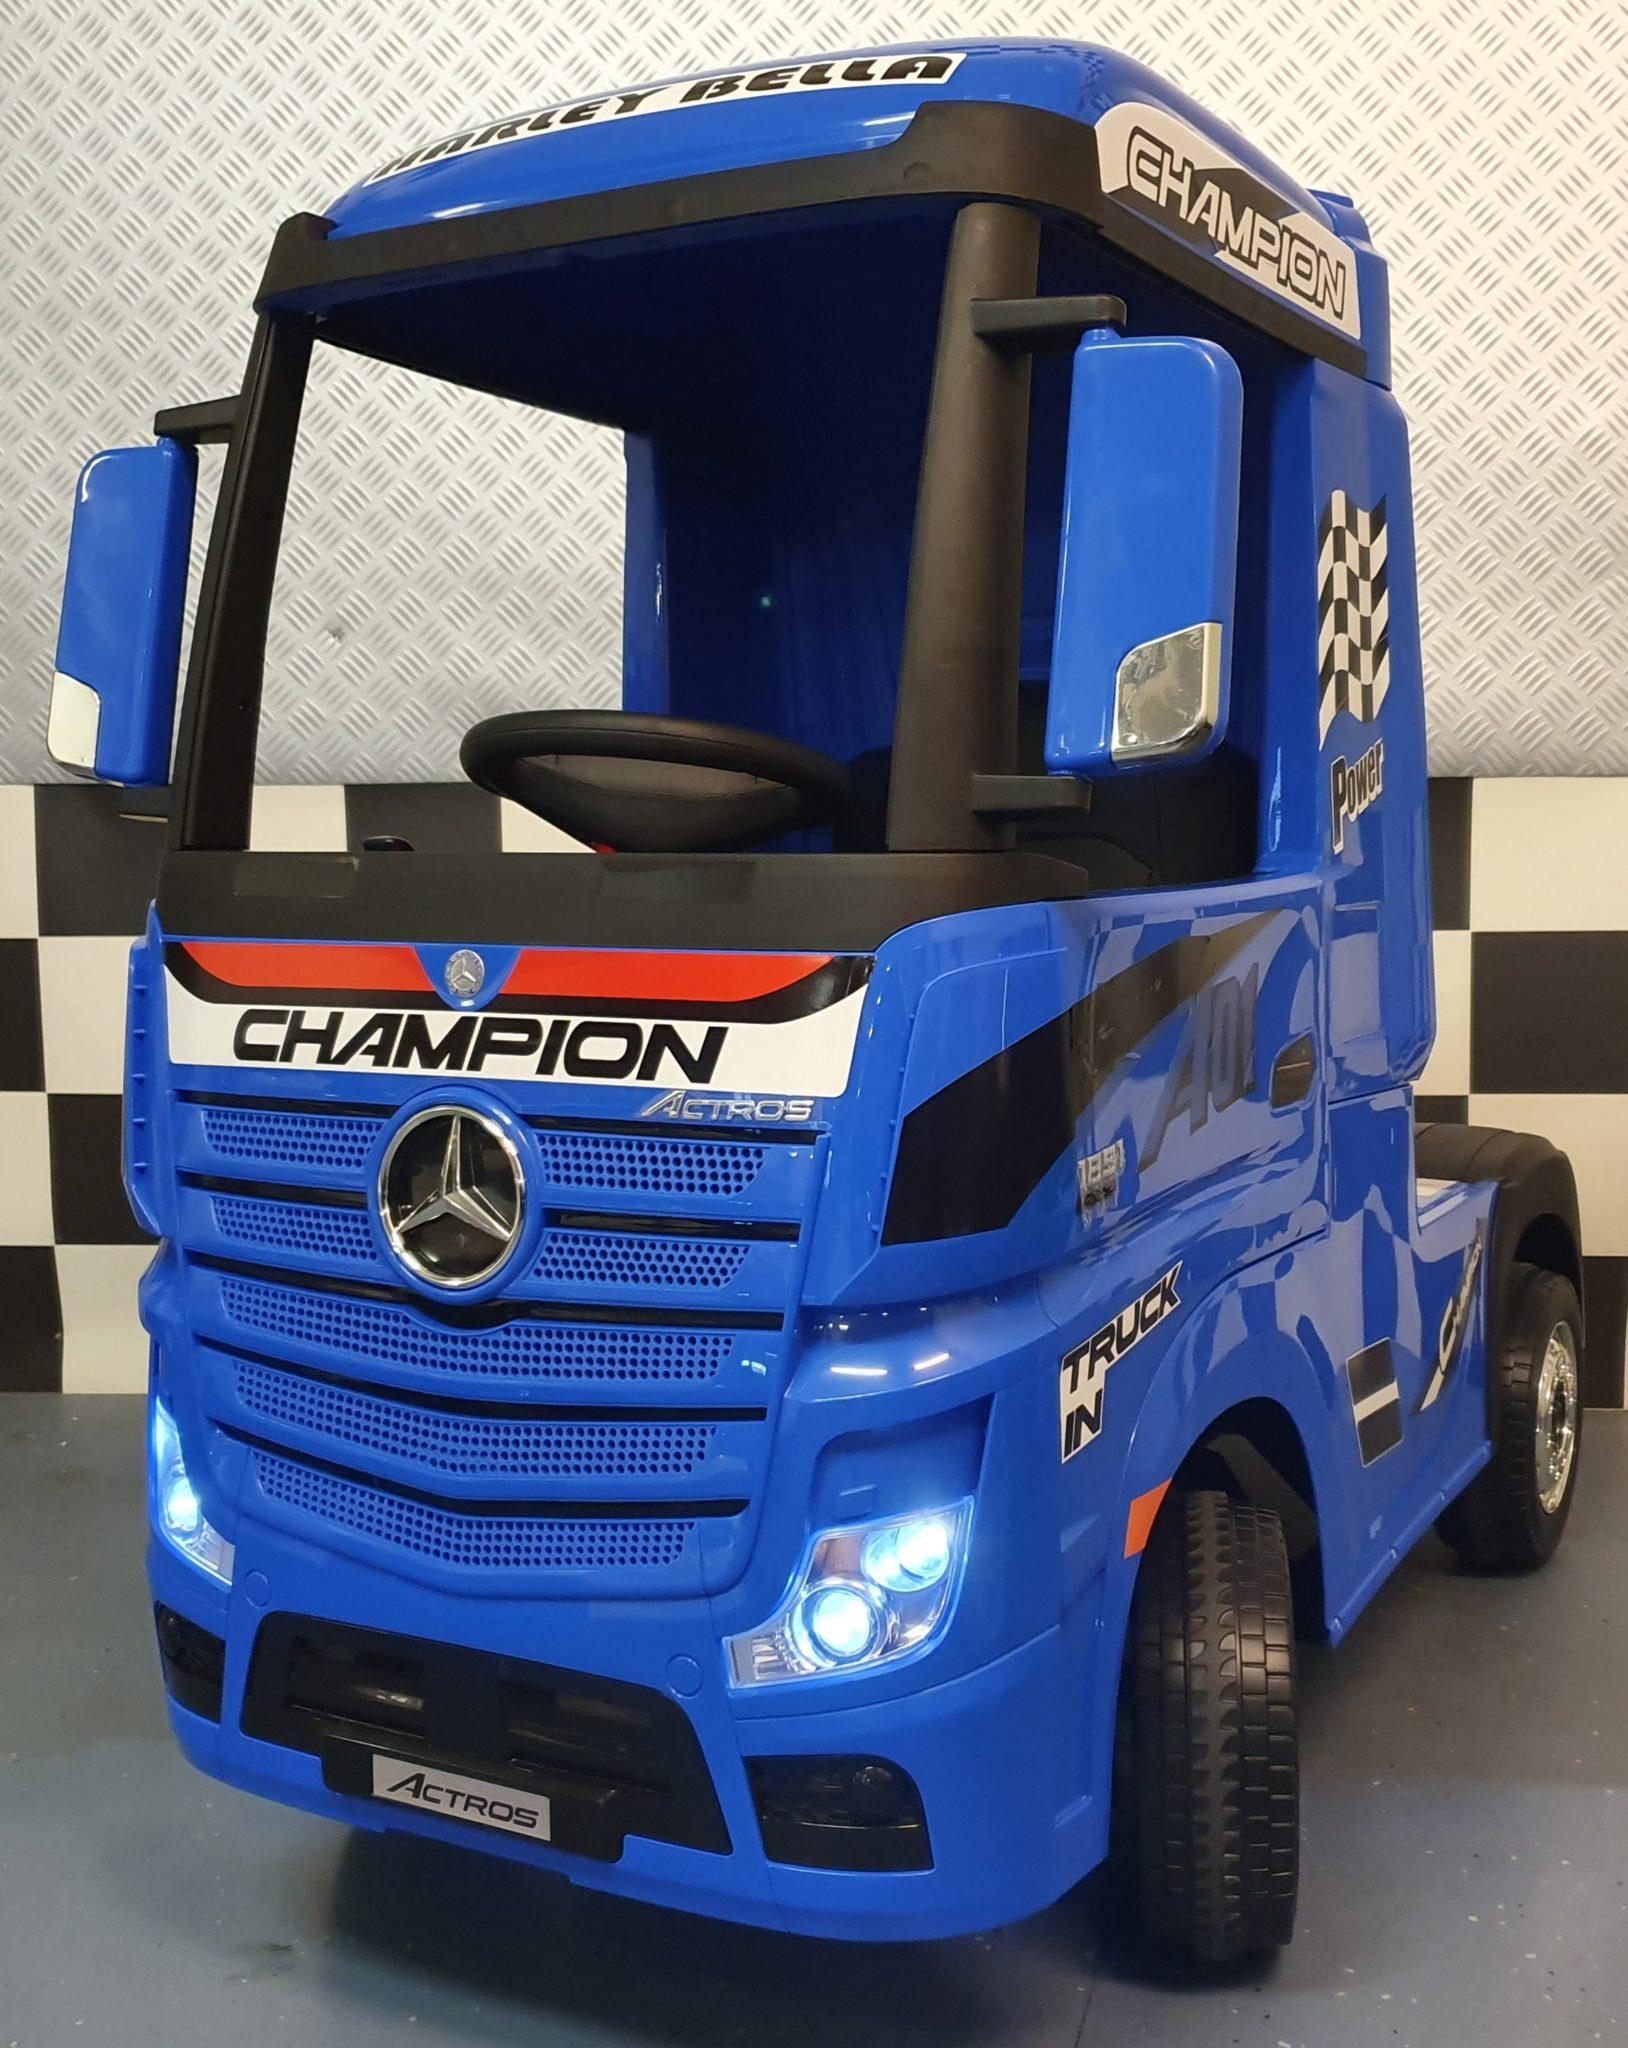 Elektrische kinder vrachtauto Mercedes Actros met trailer blauw